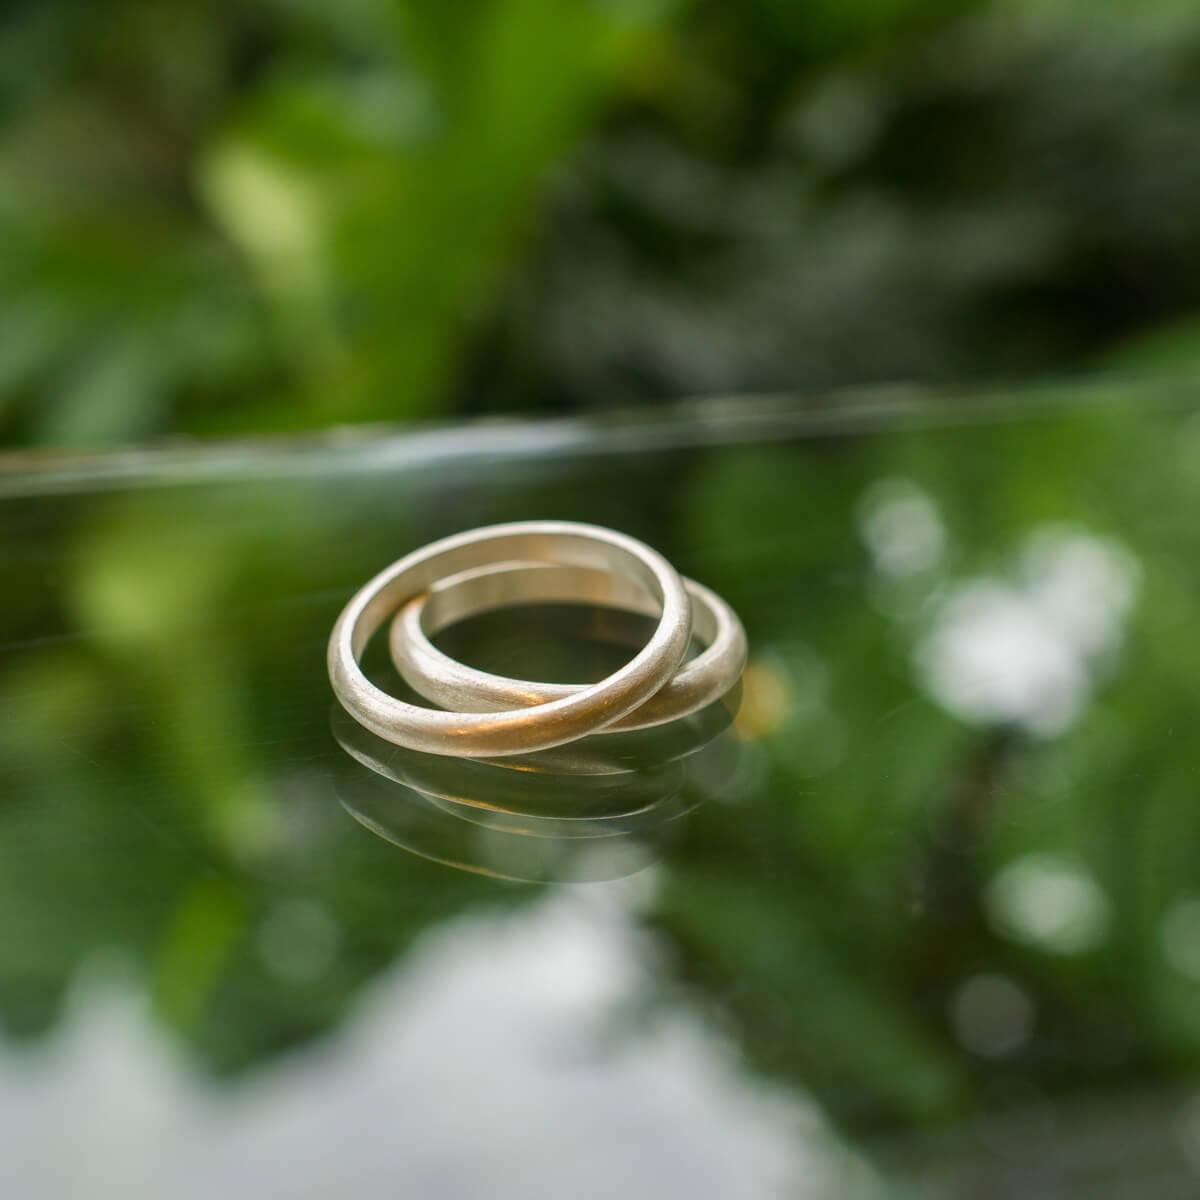 屋久島しずくギャラリー ジュエリーのディスプレイ シルバーリング オーダーメイドマリッジリングのサンプル 屋久島でつくる結婚指輪